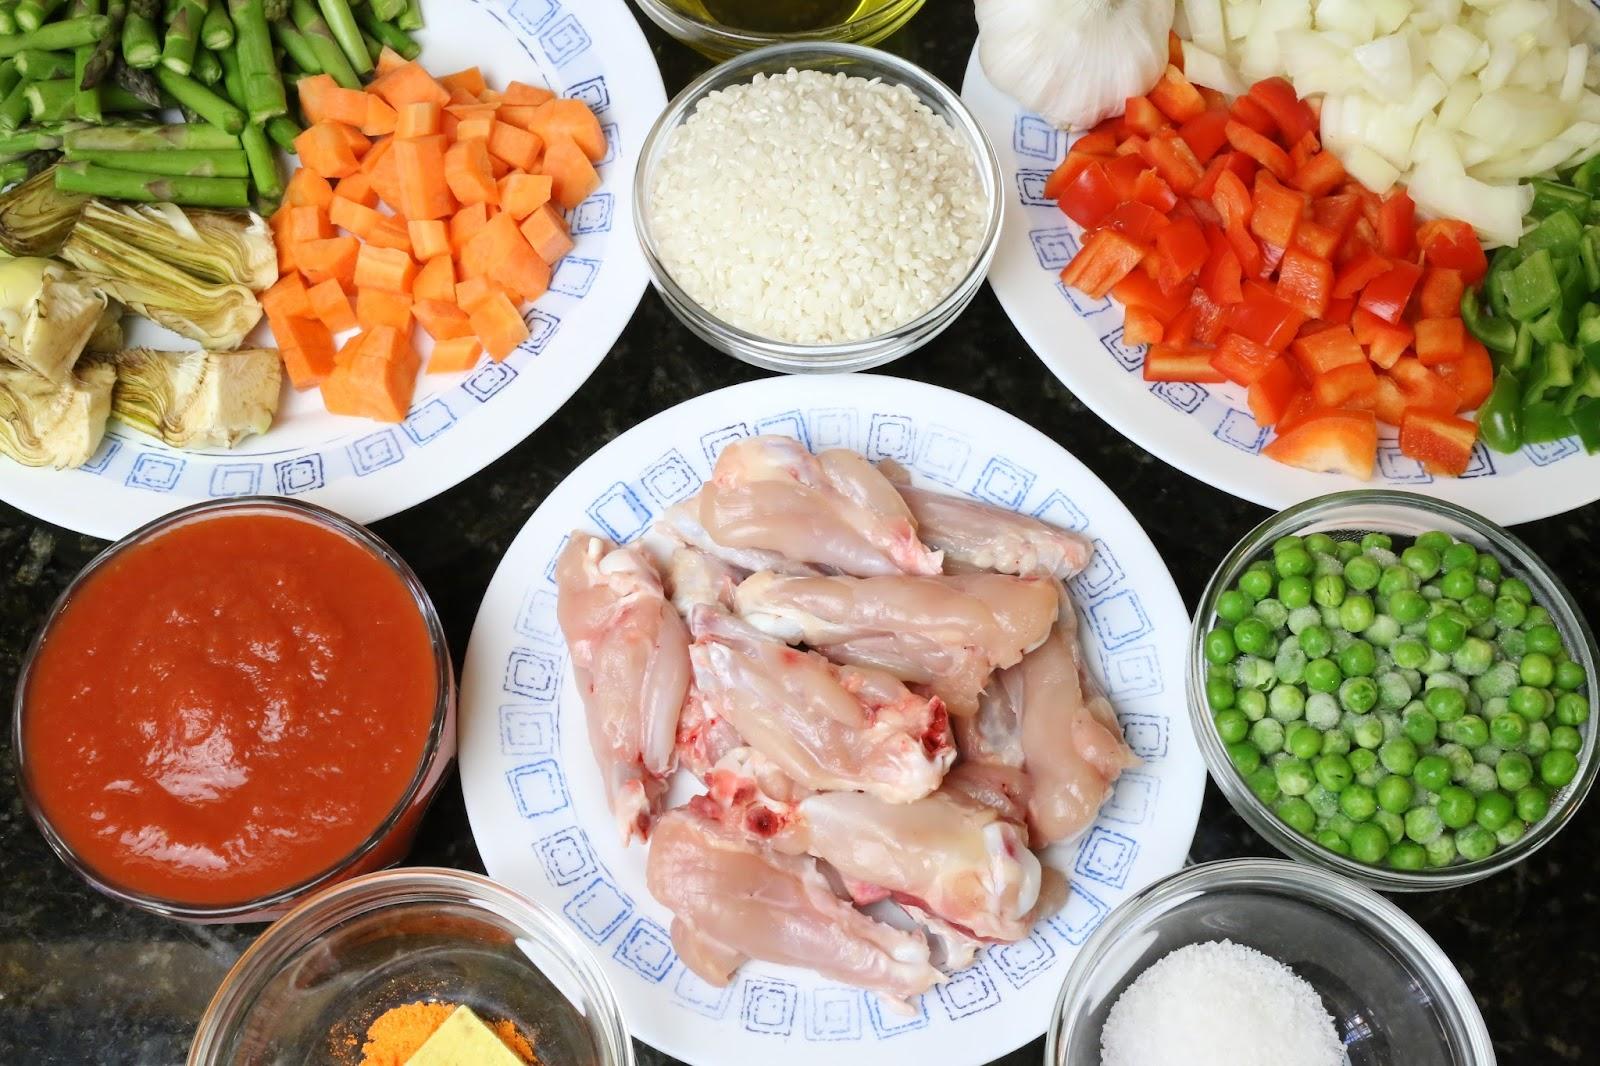 Cocina andaluza arroz con pollo y verduras Cocinar con 5 ingredientes